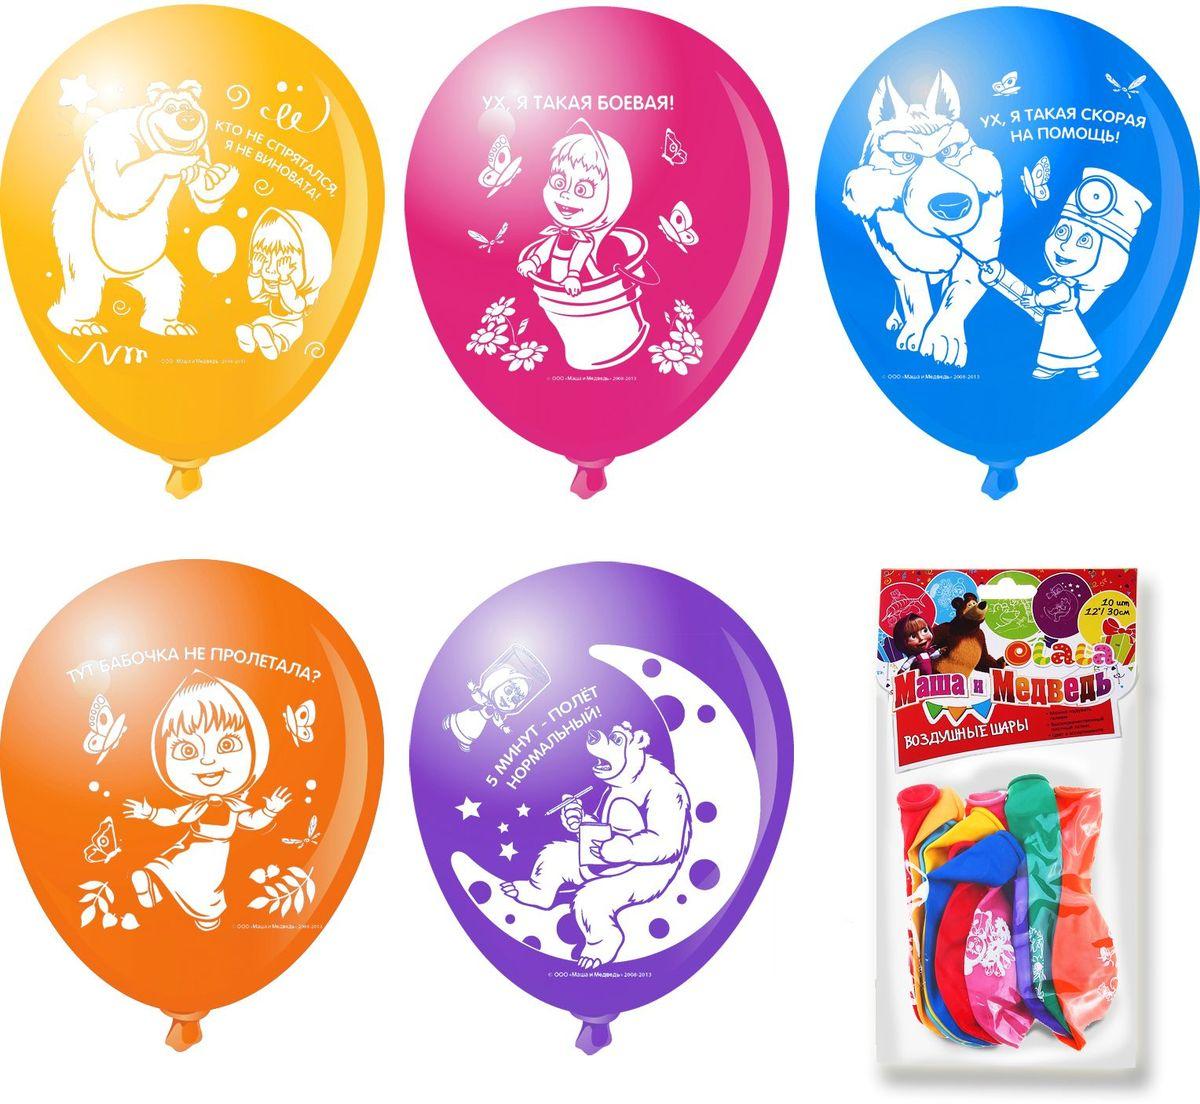 Маша и Медведь Набор воздушных шаров 10 шт набор для лепки росмэн маша и медведь сладкая идея 30411